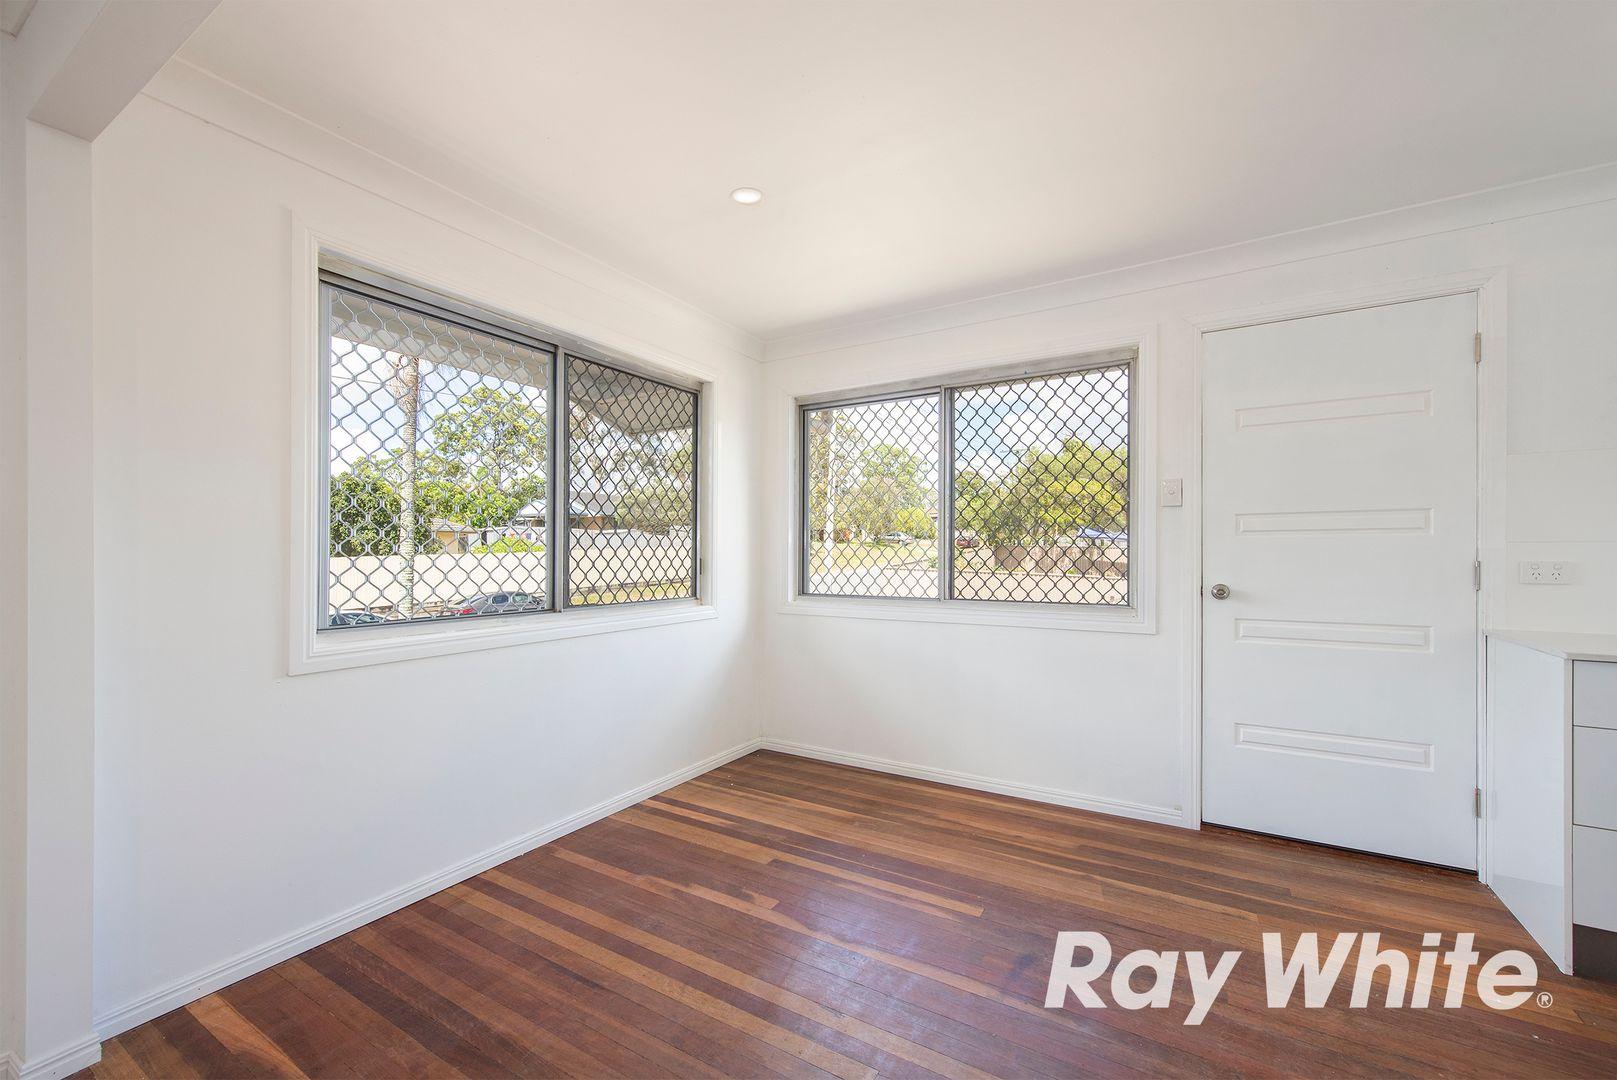 34 Omar Street, Woodridge QLD 4114, Image 2